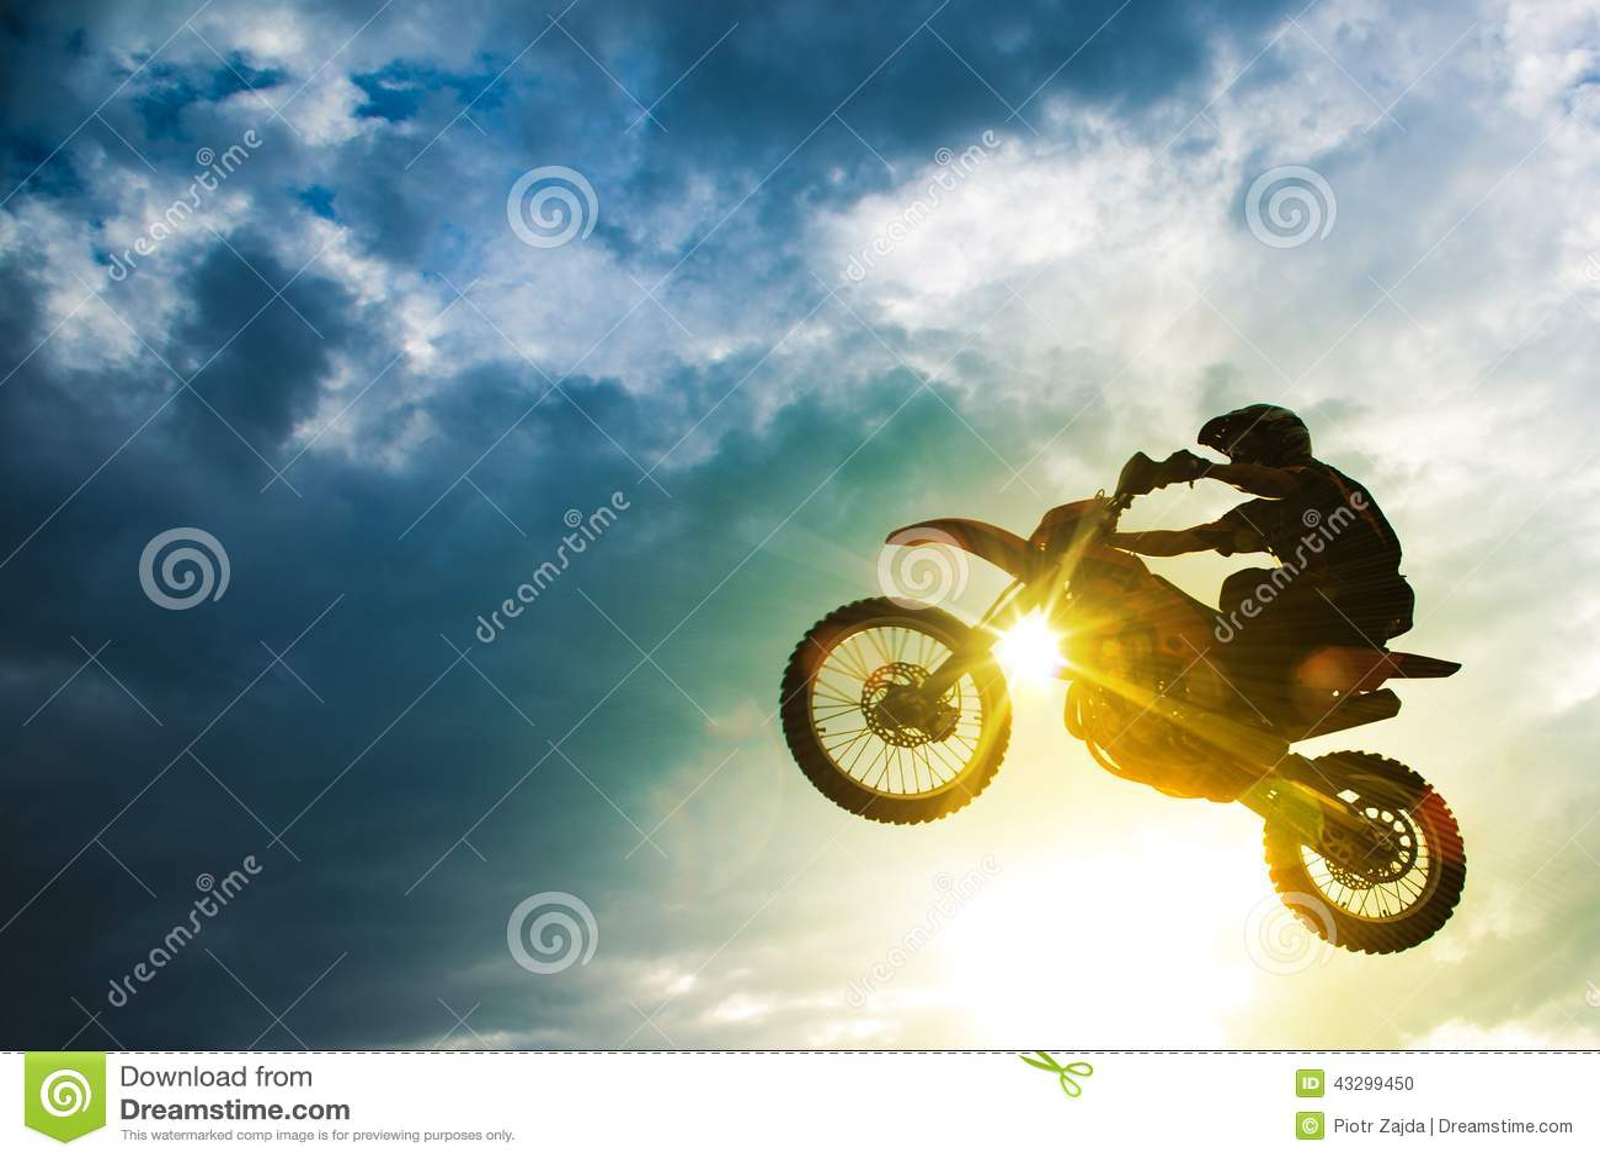 Salto da bicicleta do motocross